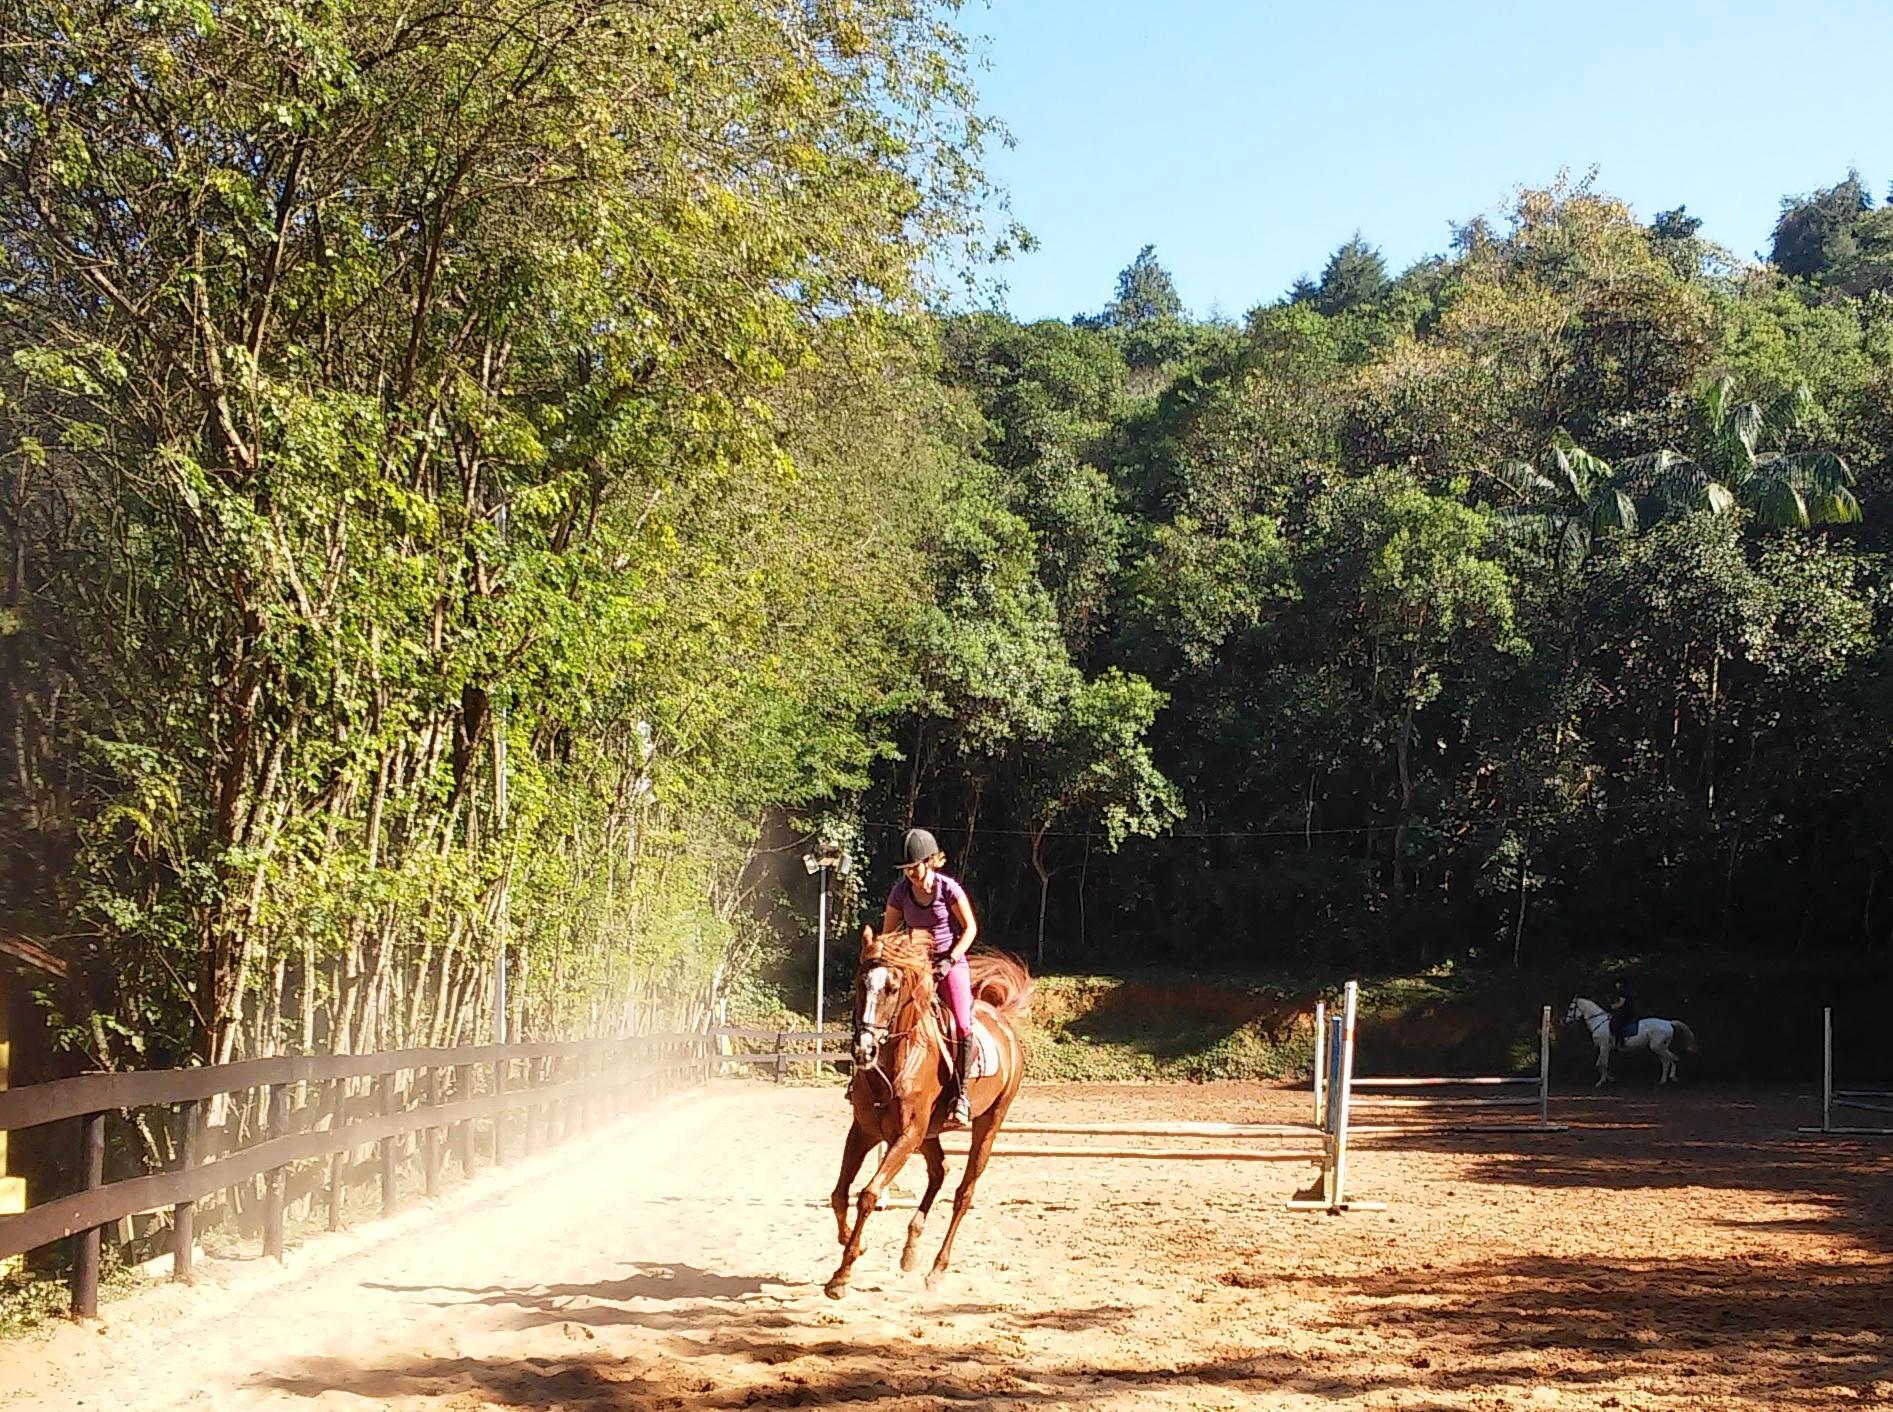 O que será que um cavalo sente quando o piso muda?